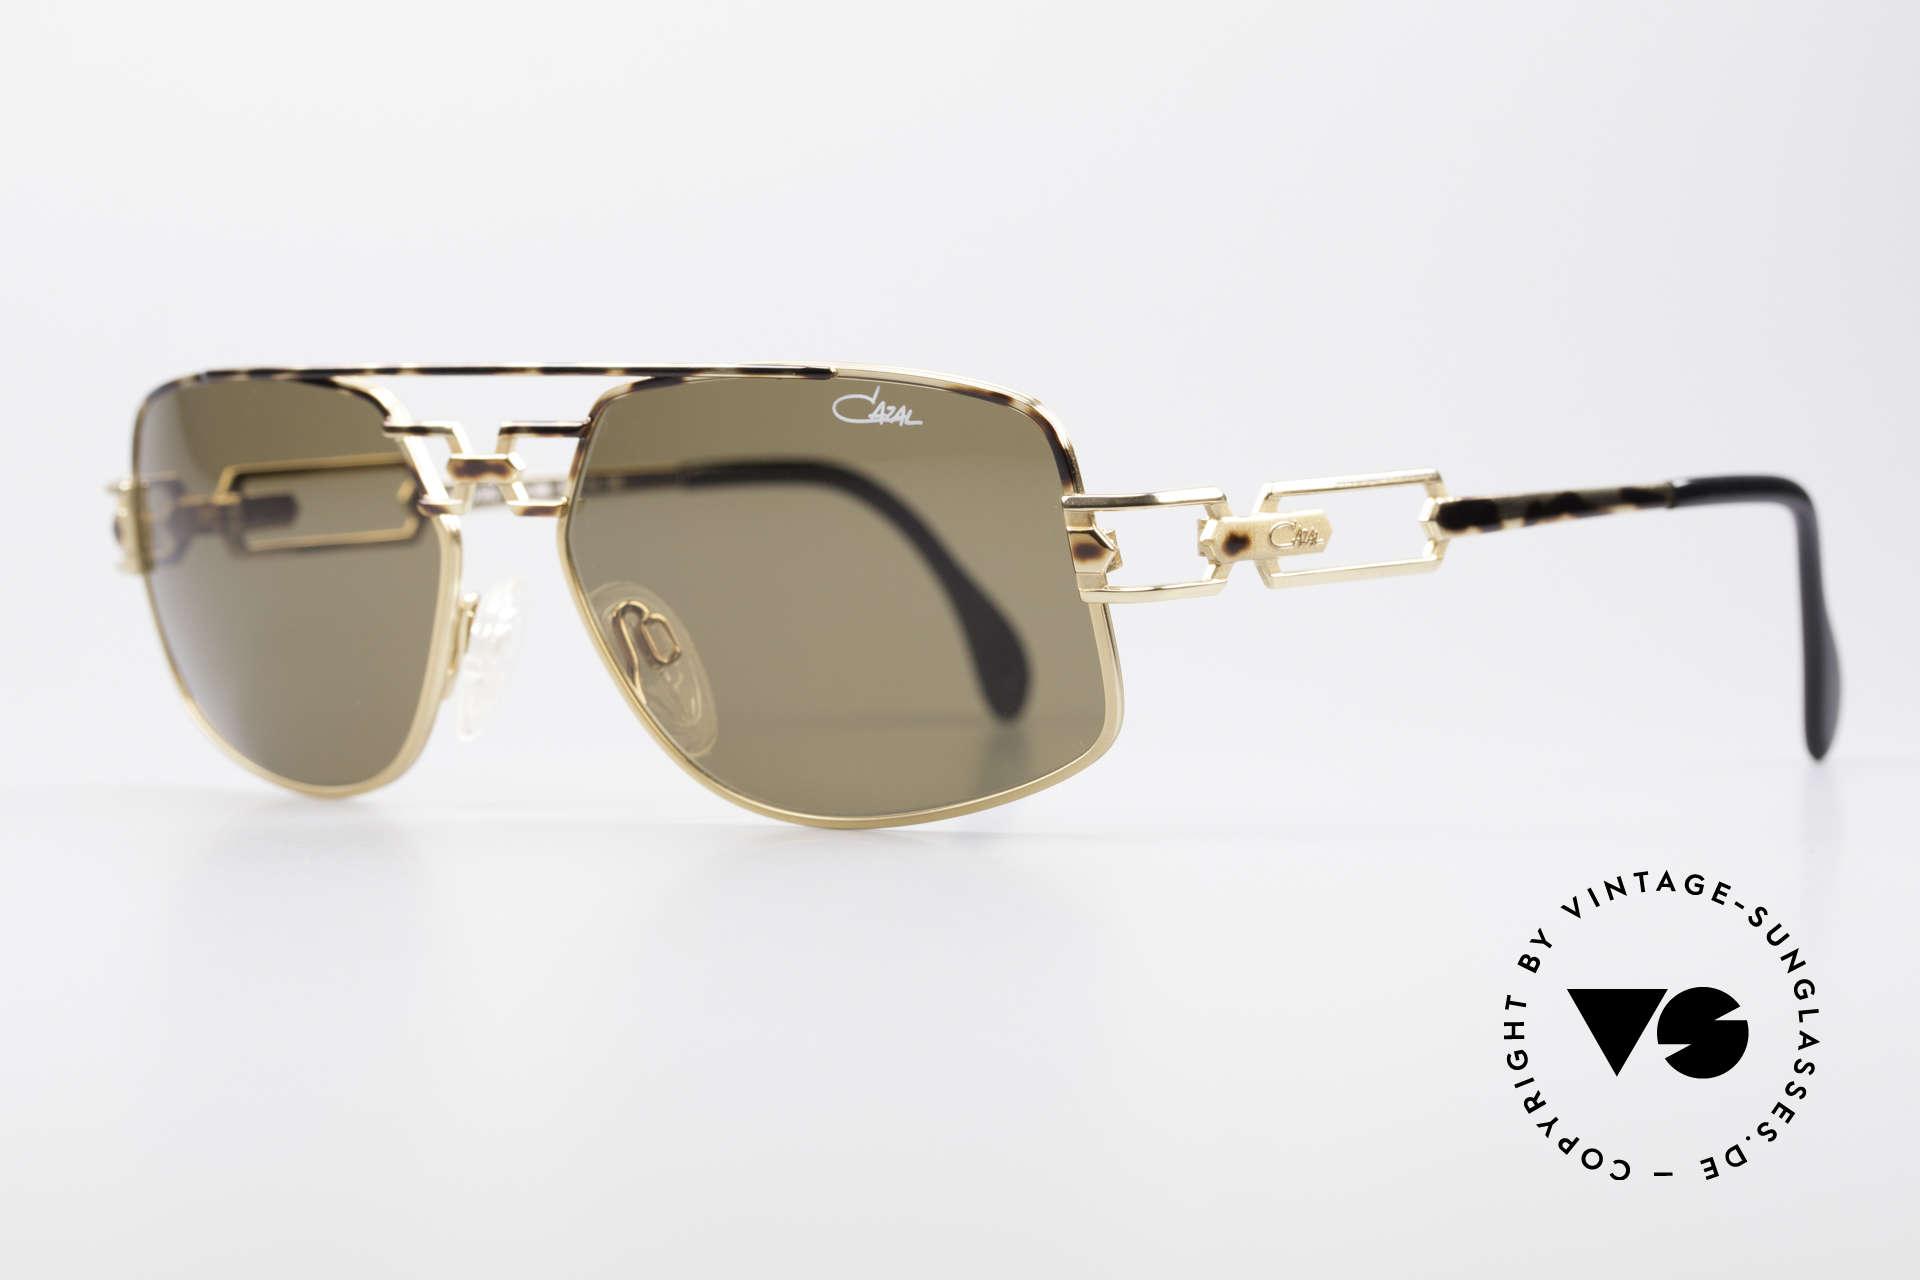 Cazal 972 Designer Sonnenbrille 90er, enorm hochwertige Rahmenlackierung in braun-gefleckt, Passend für Herren und Damen